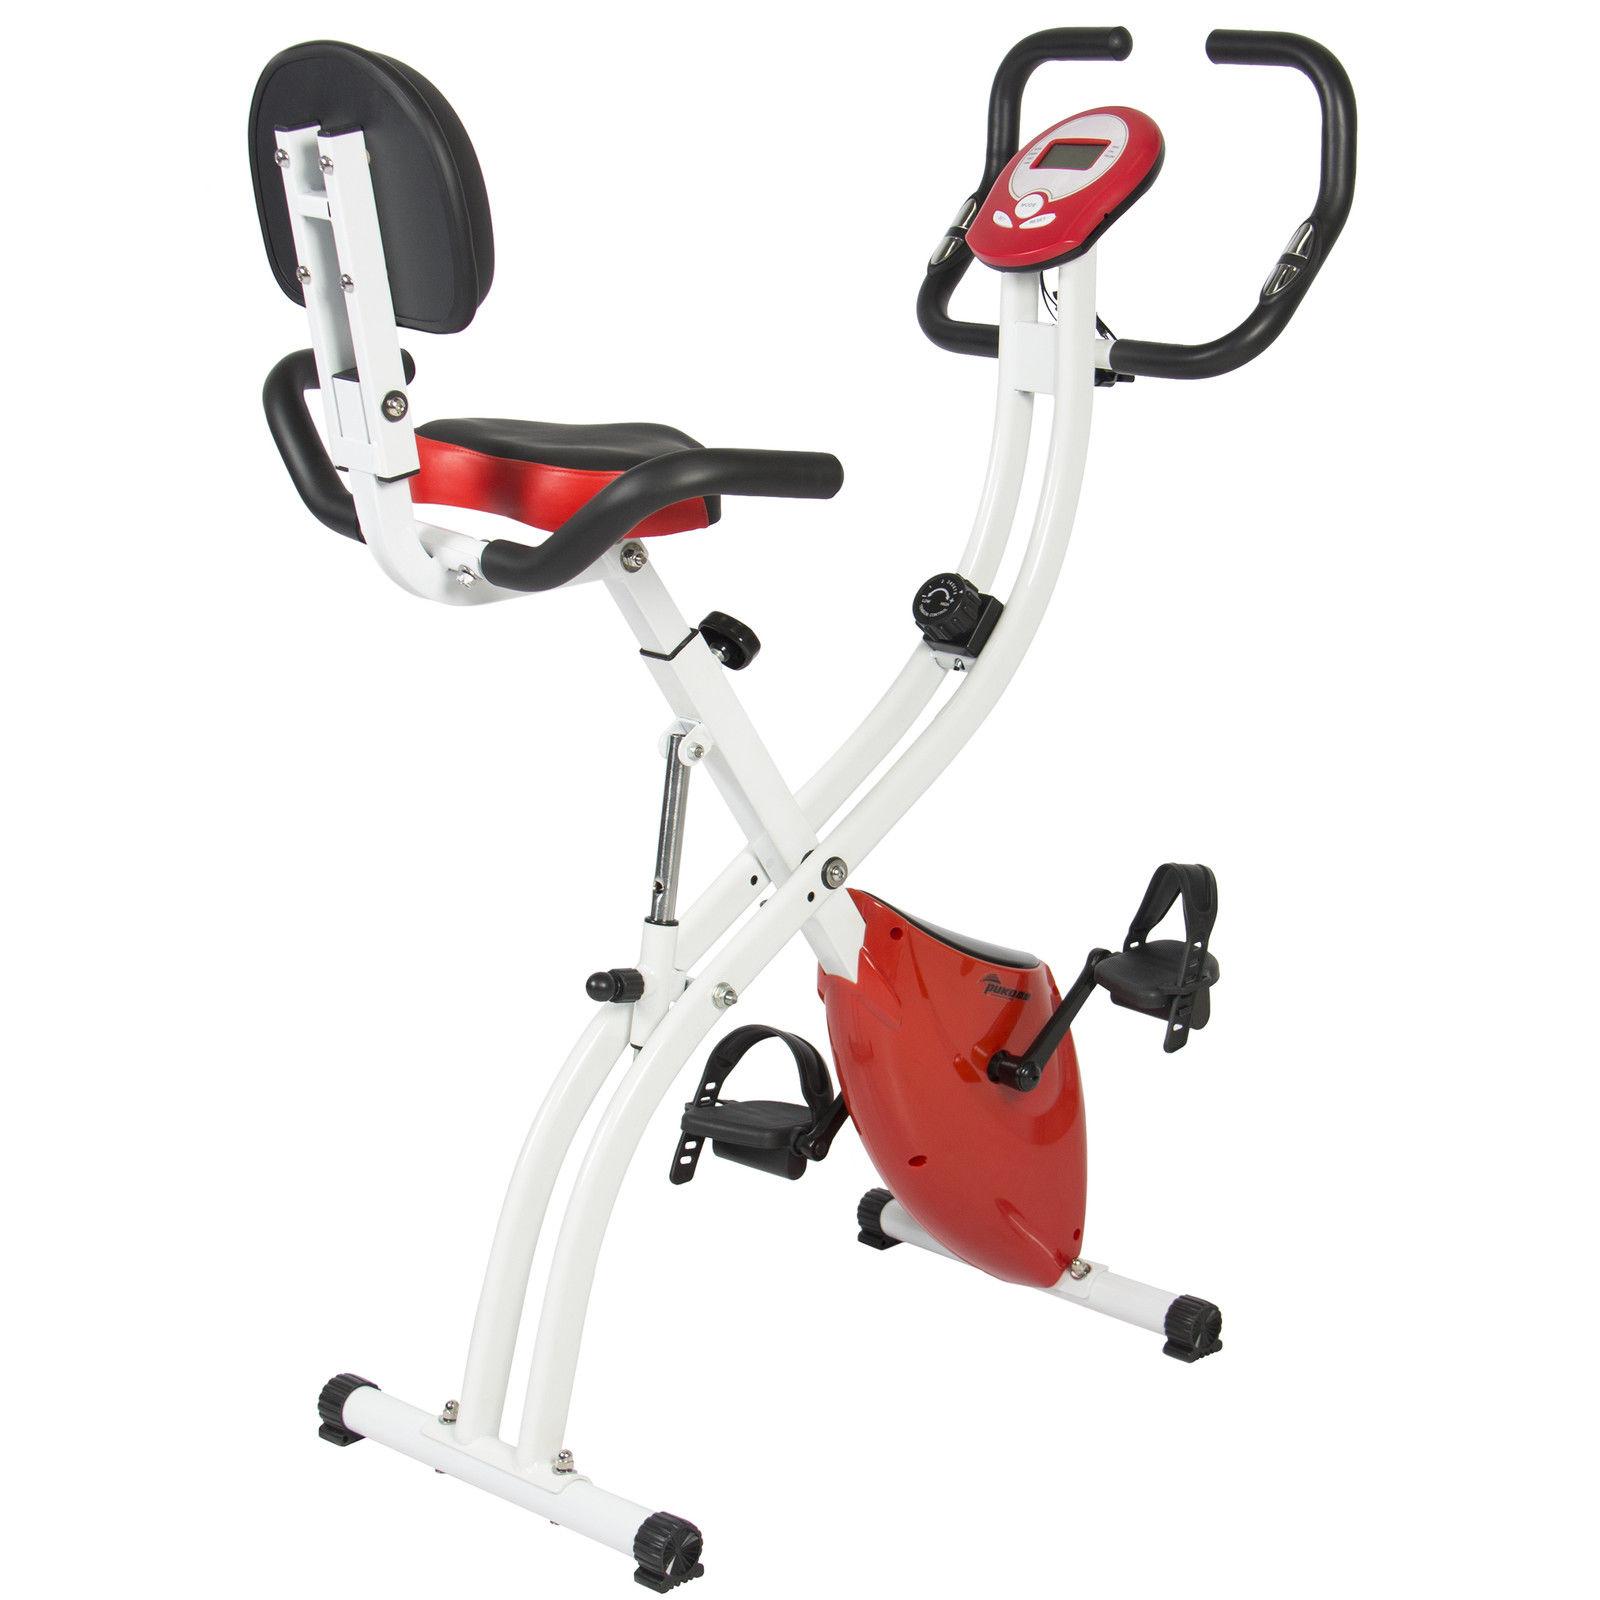 BCP Folding Adjustable Magnetic Upright Exercise Bike Fitness Upgraded Machine